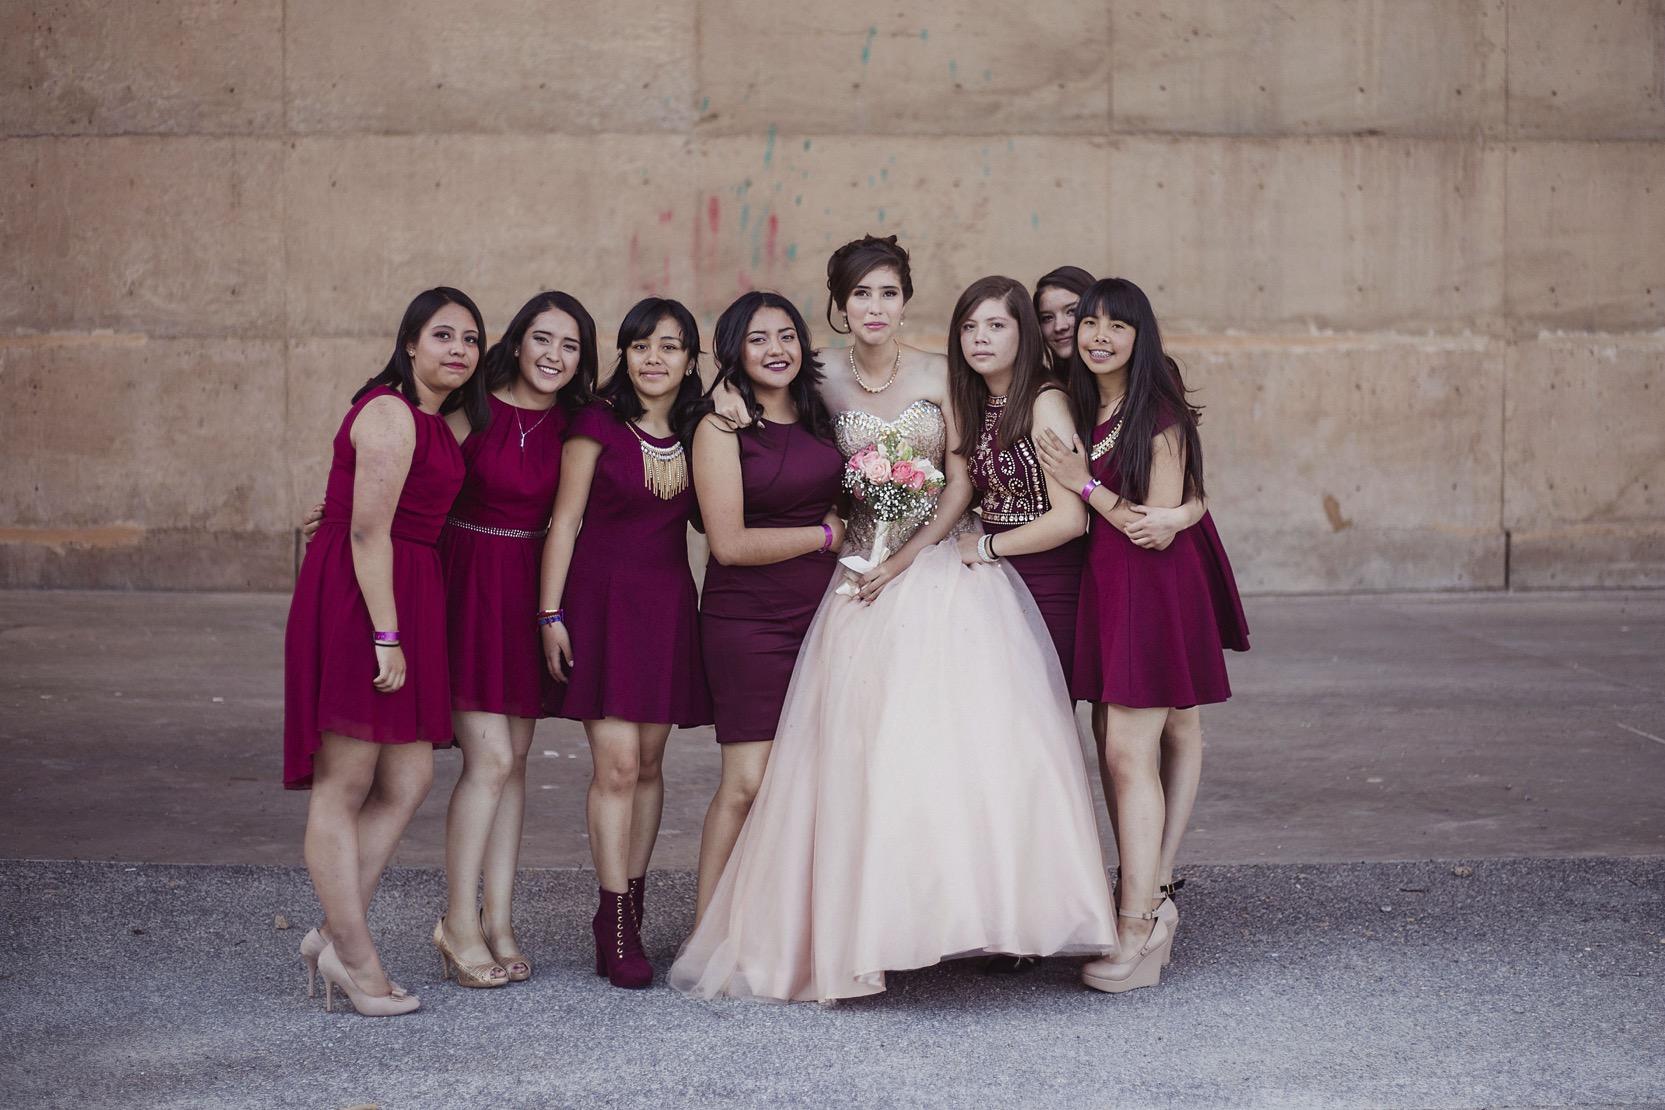 fotografos_profesionales_zacatecas_bodas_xvaños-20